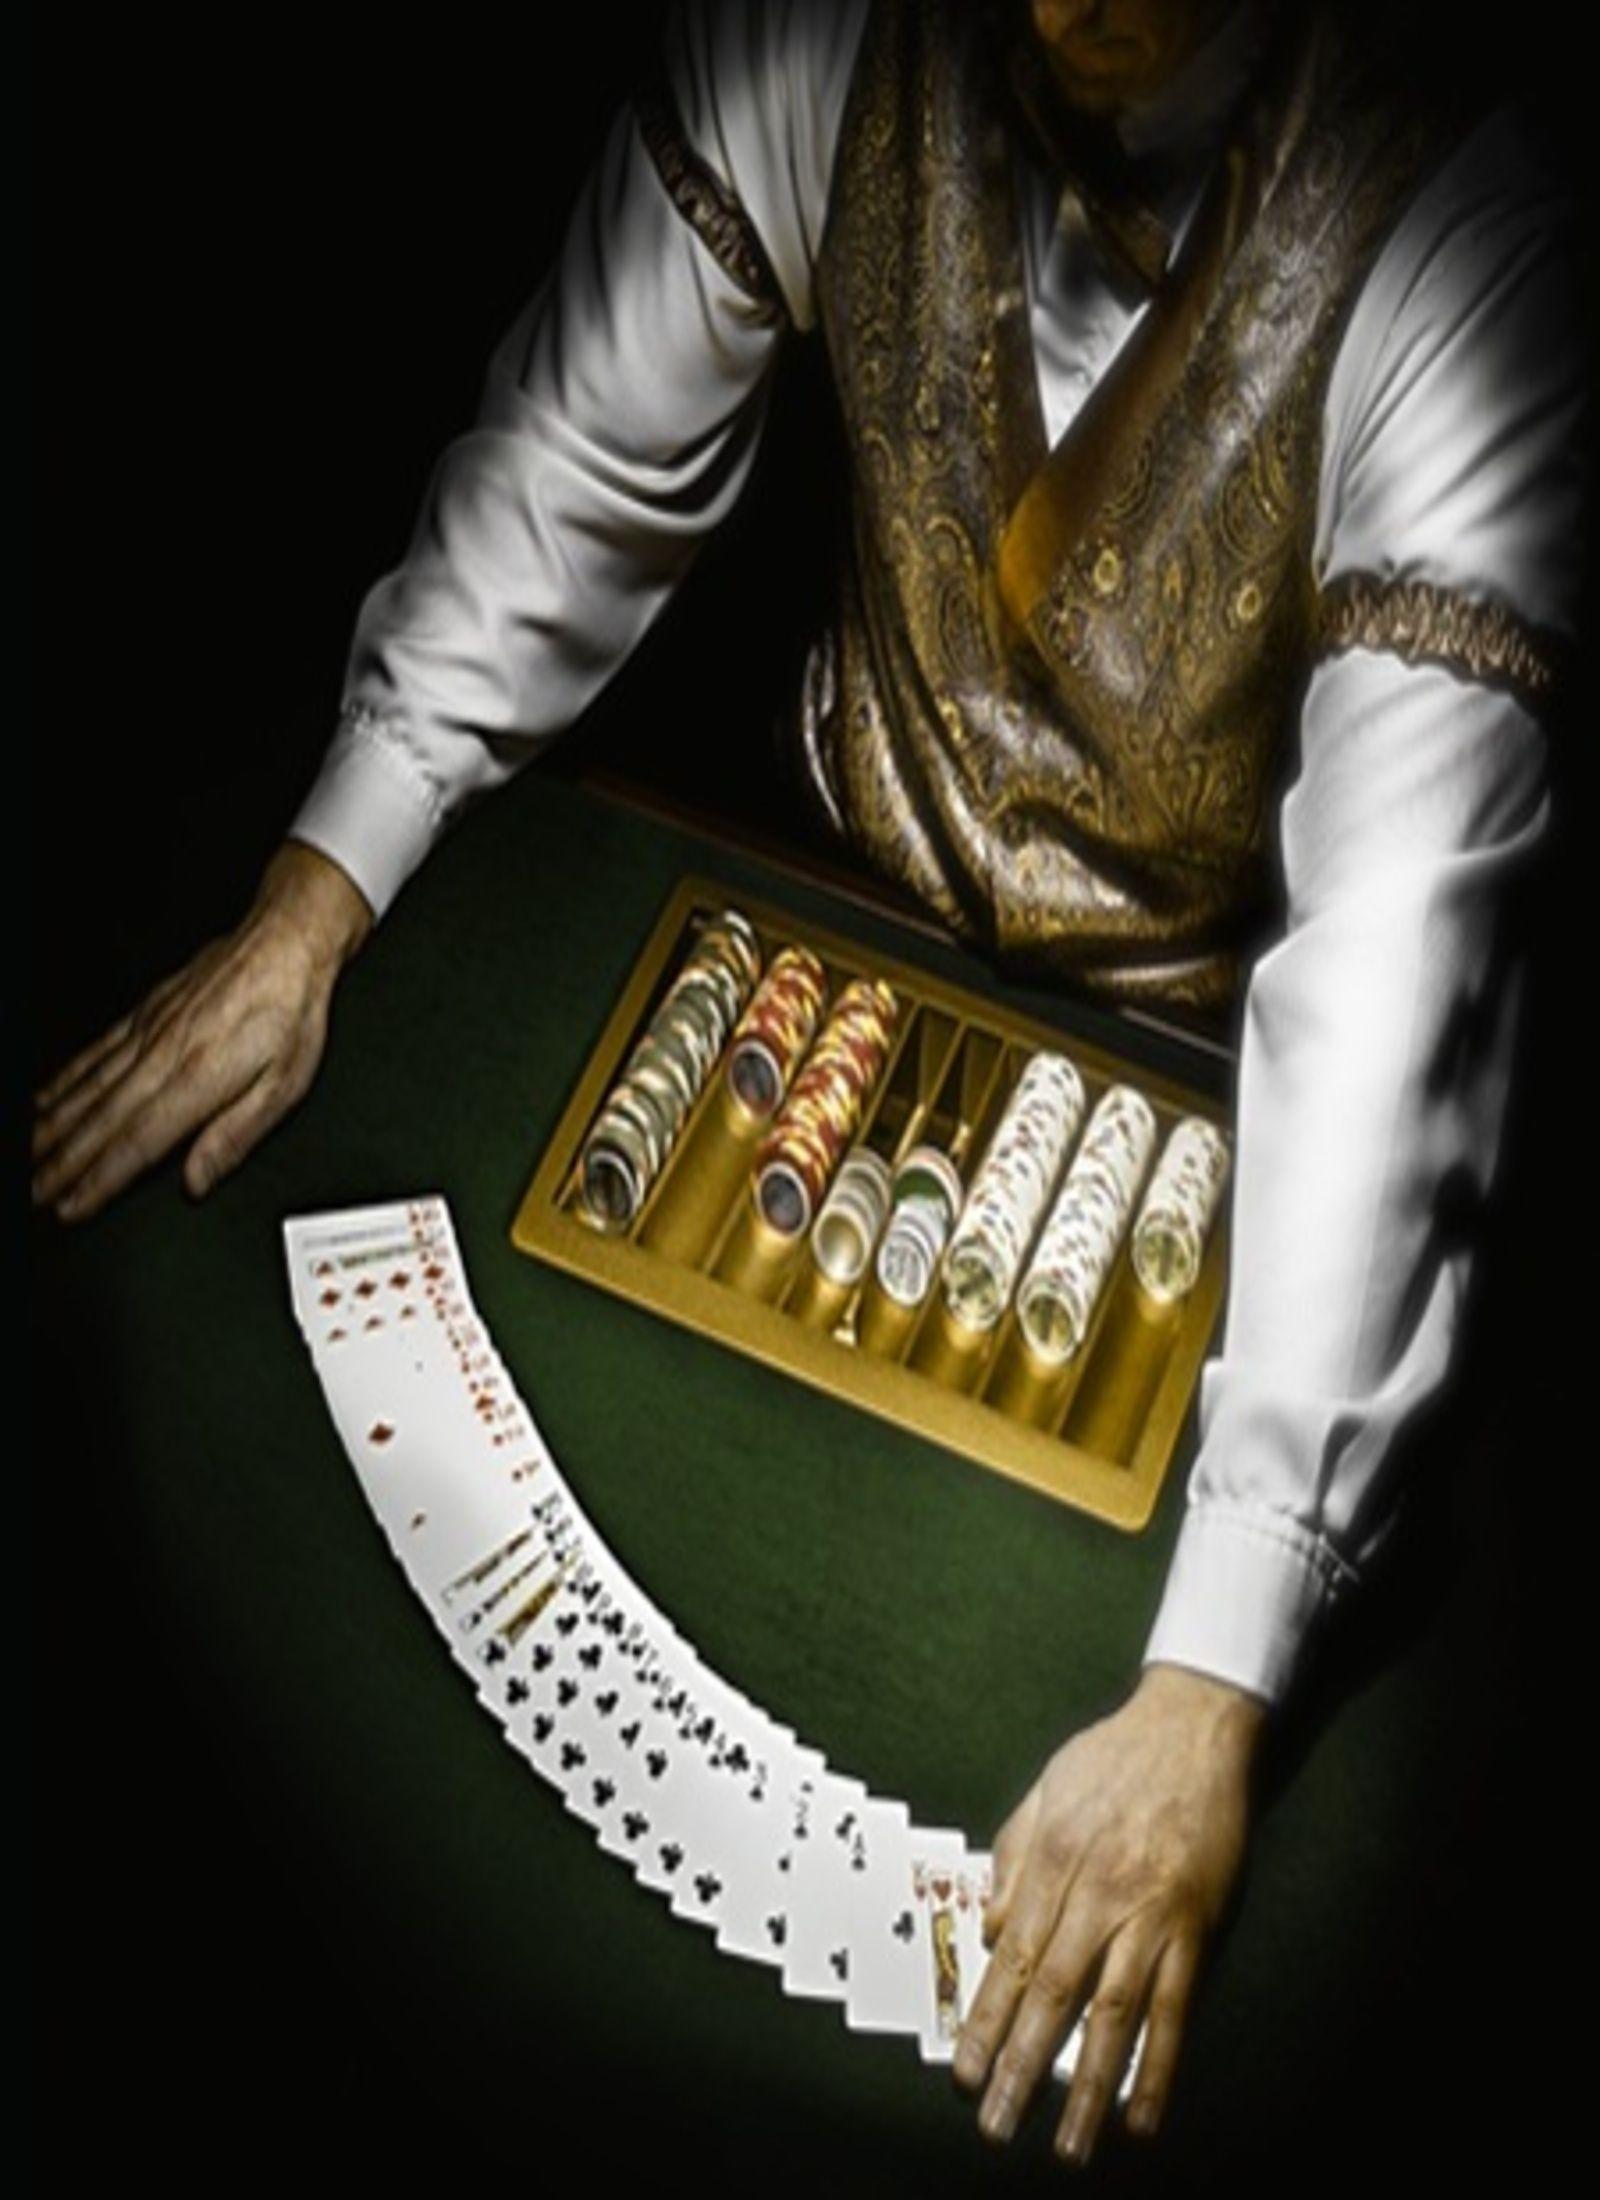 Texas hold`em..horseshoe casino Video poker, Horseshoe